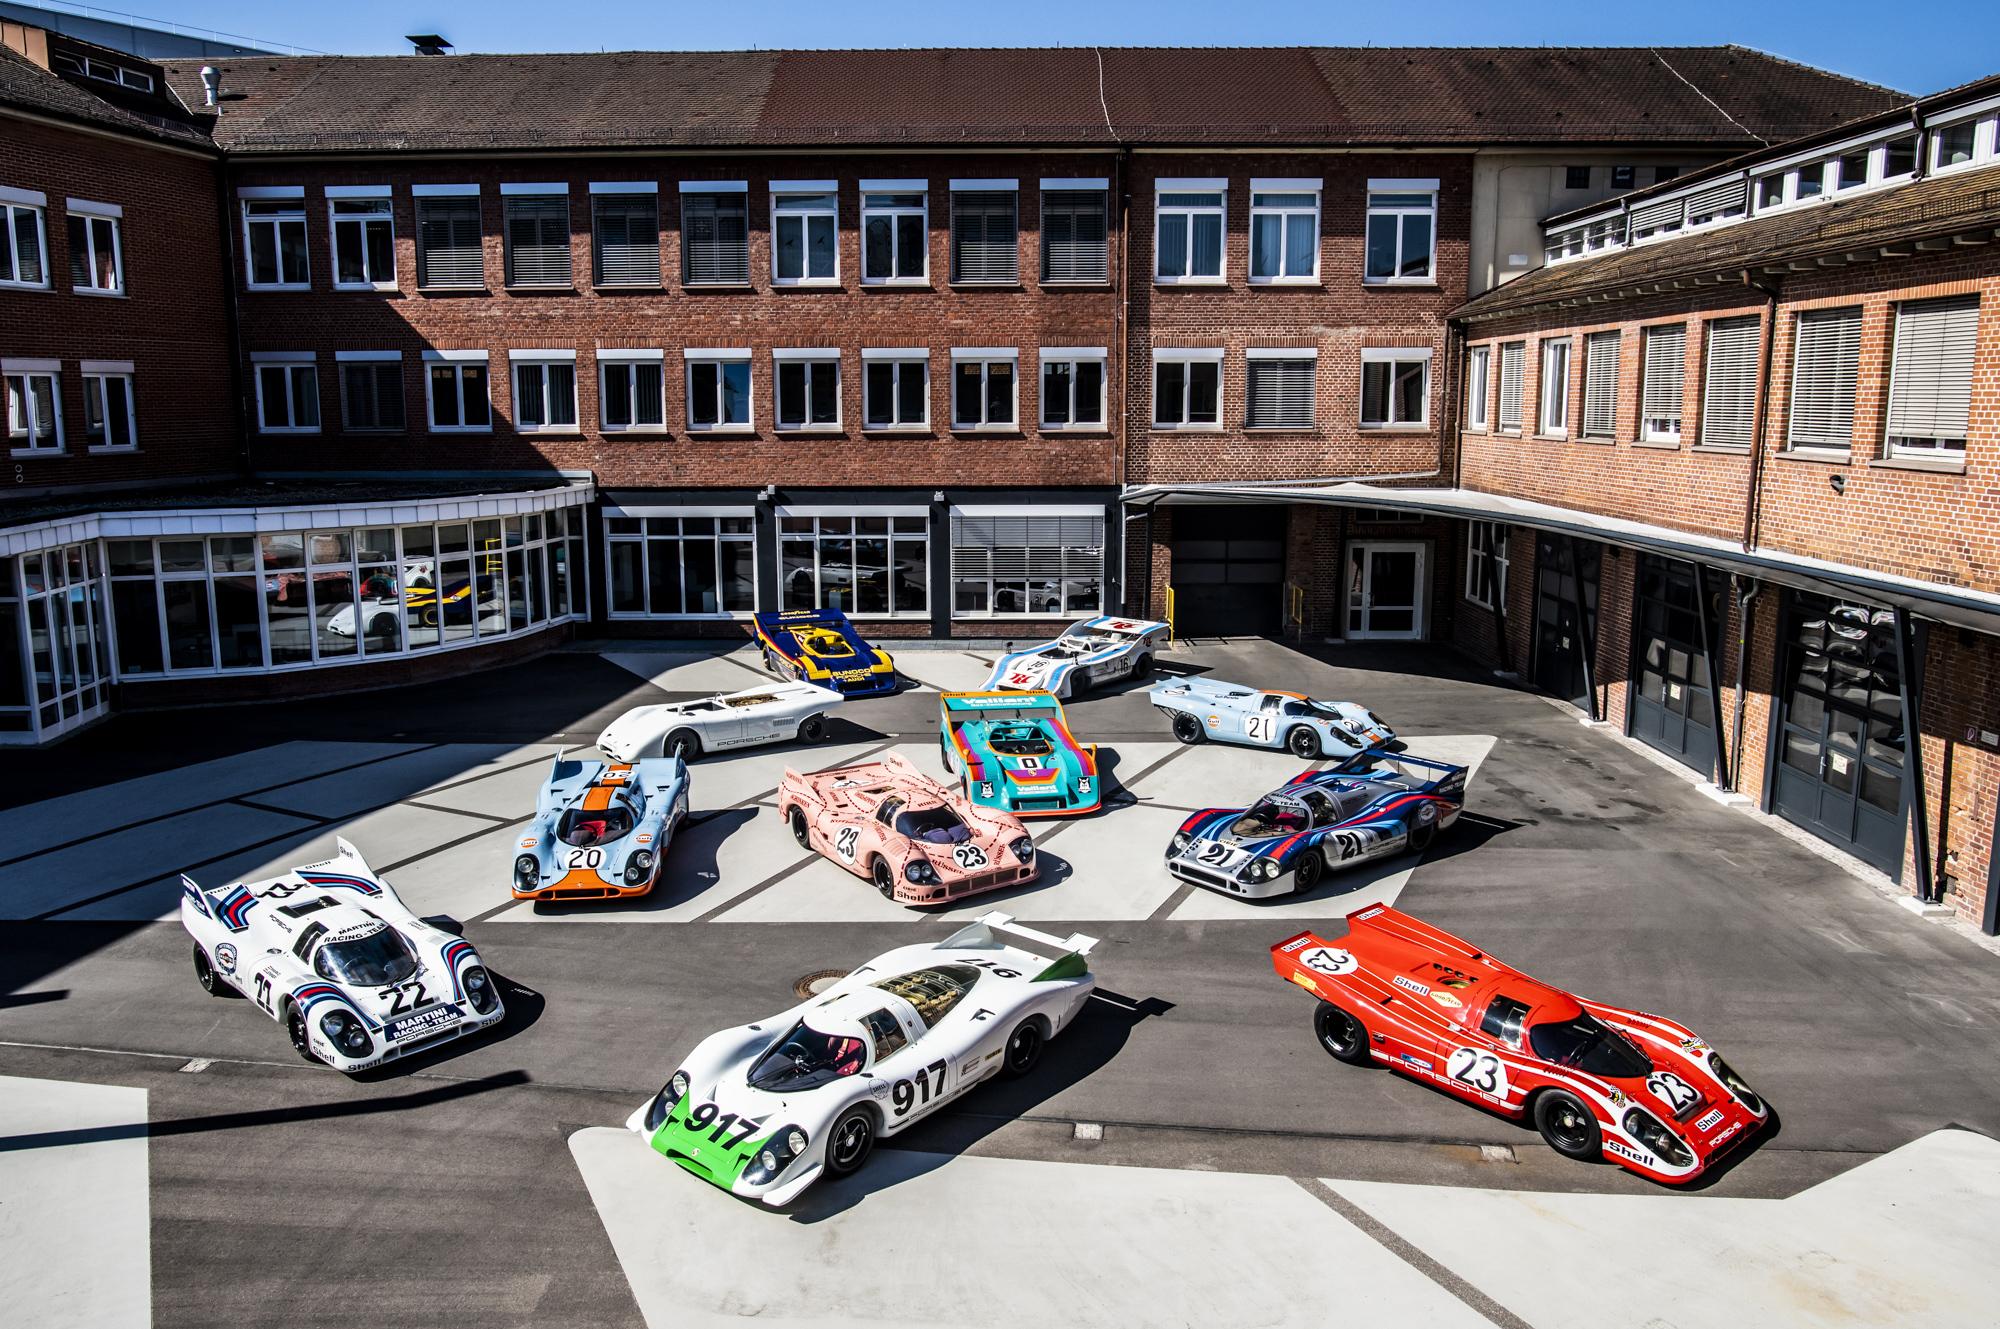 Музей «Порше» к 50-летию легендарного трек-кара 917 подготовил юбилейную экспозицию